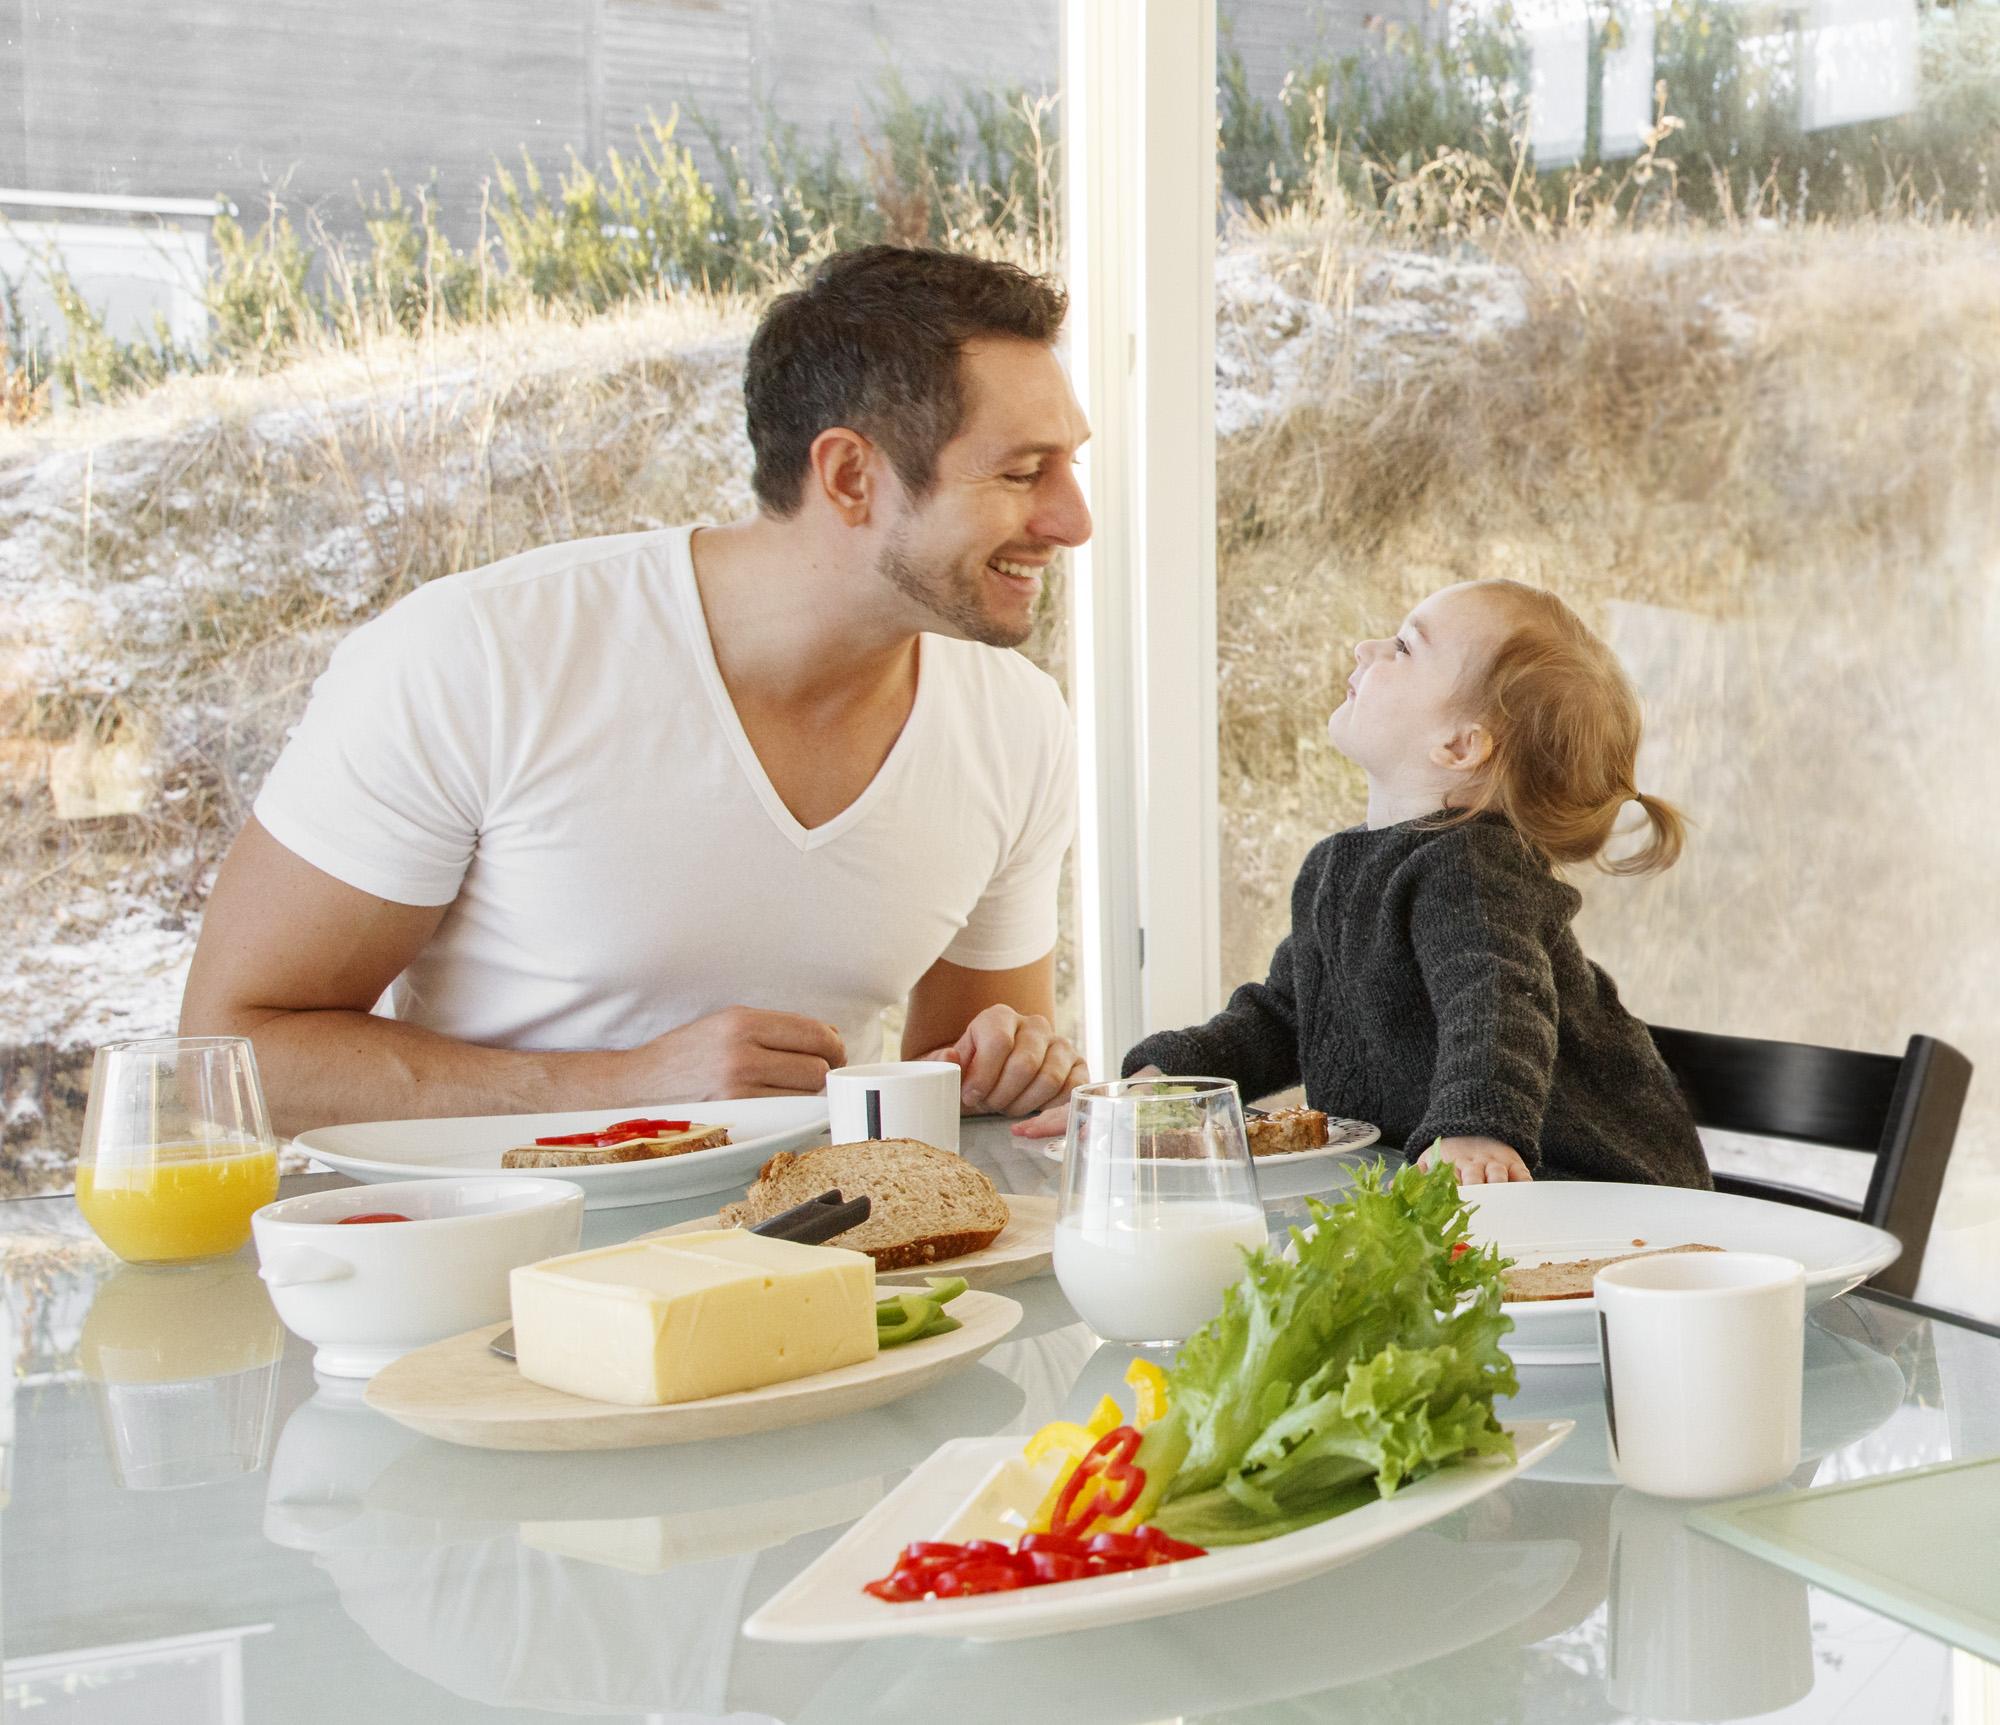 Far og barn har måltid.